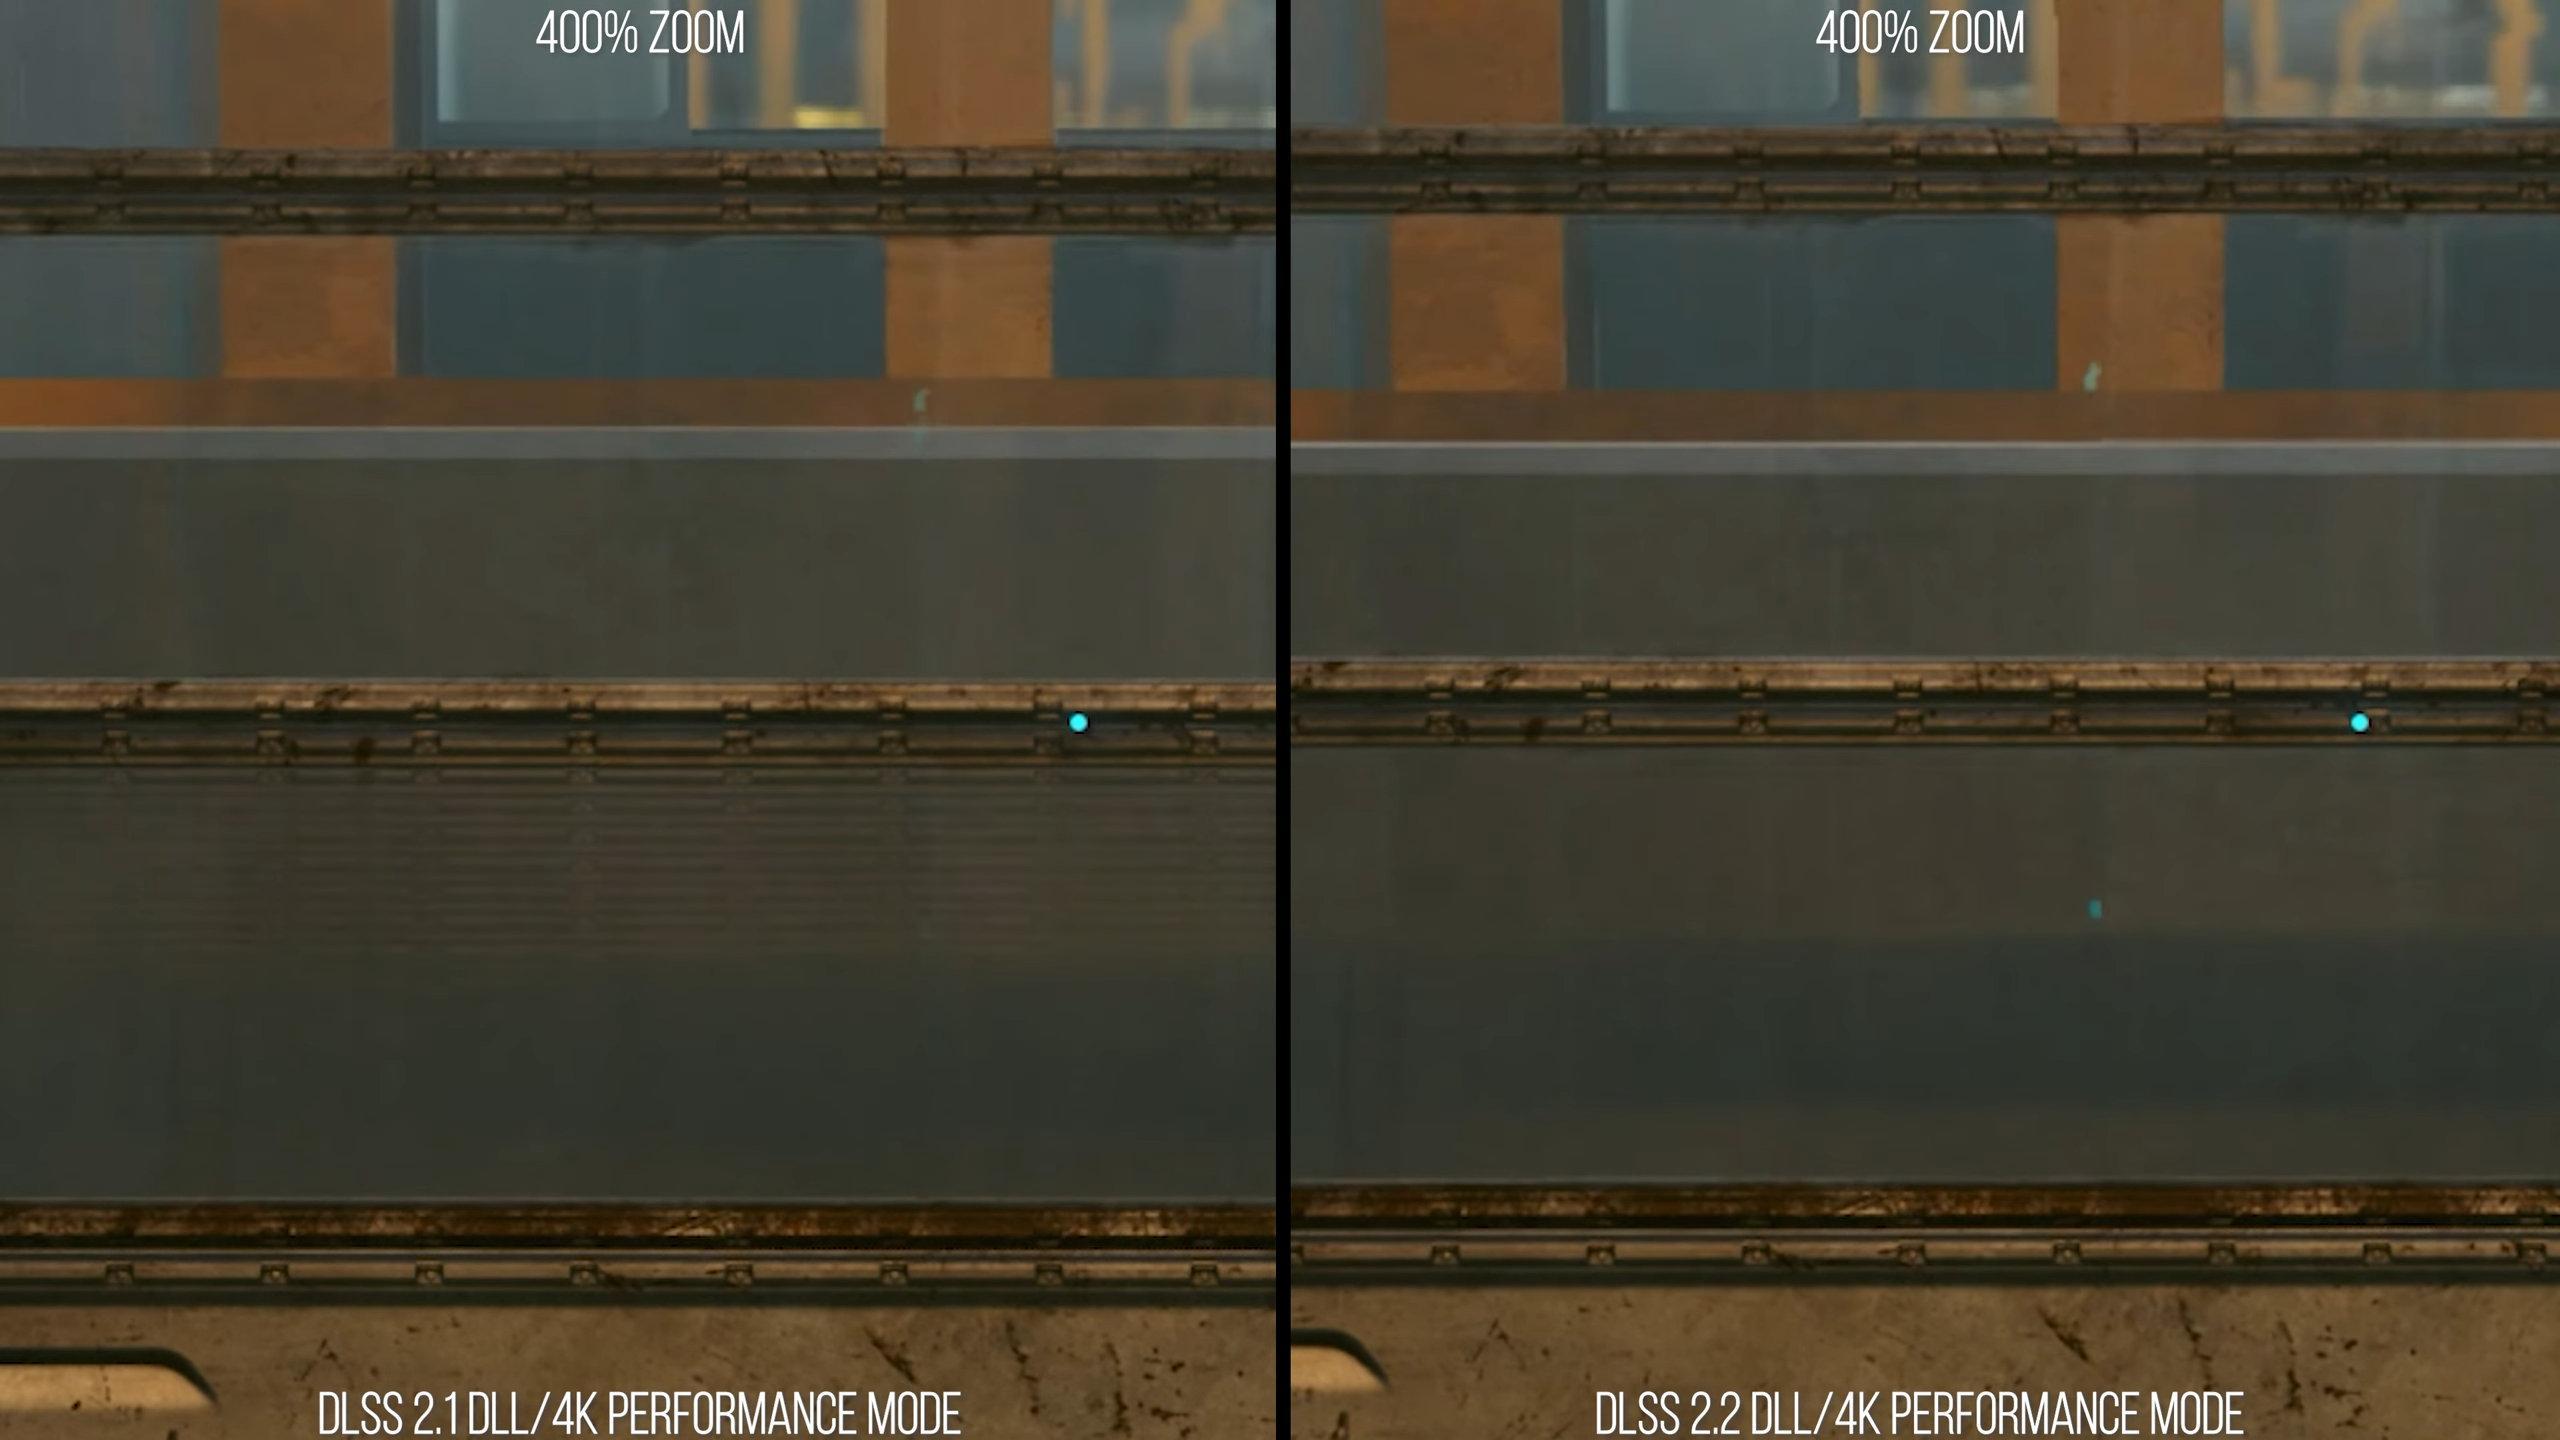 Dlss Cyberpunk Dlss 2.2 Mode